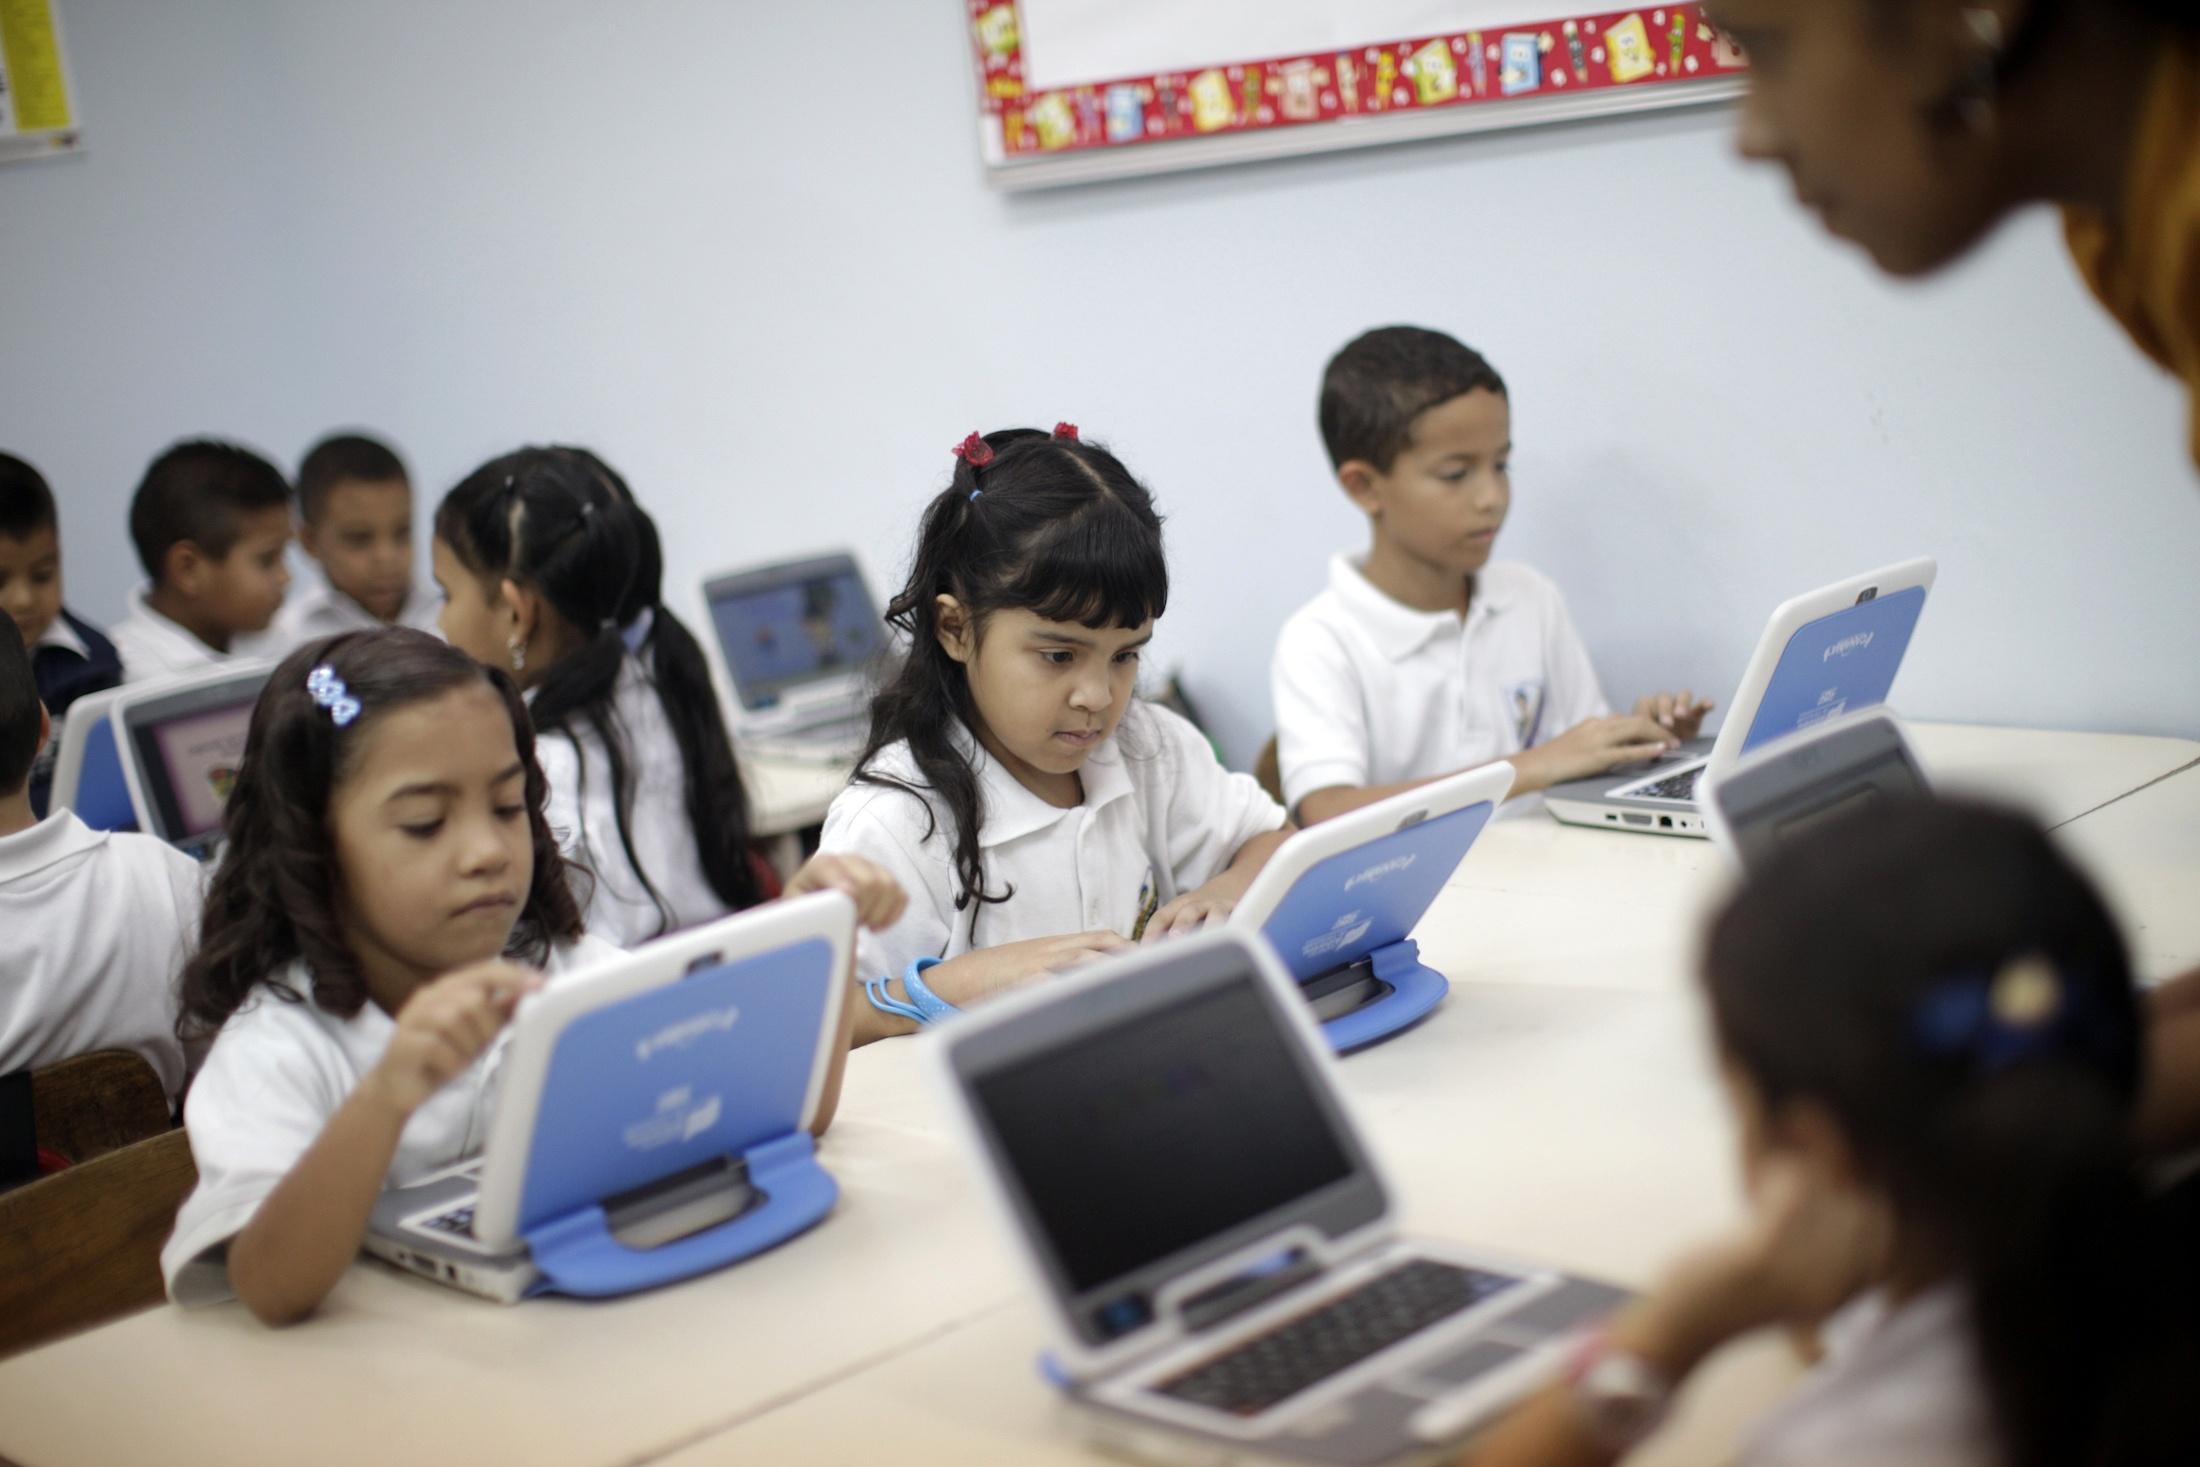 En los centros privados el número de alumnos por ordenador es 4,5, en los públicos, 2,8